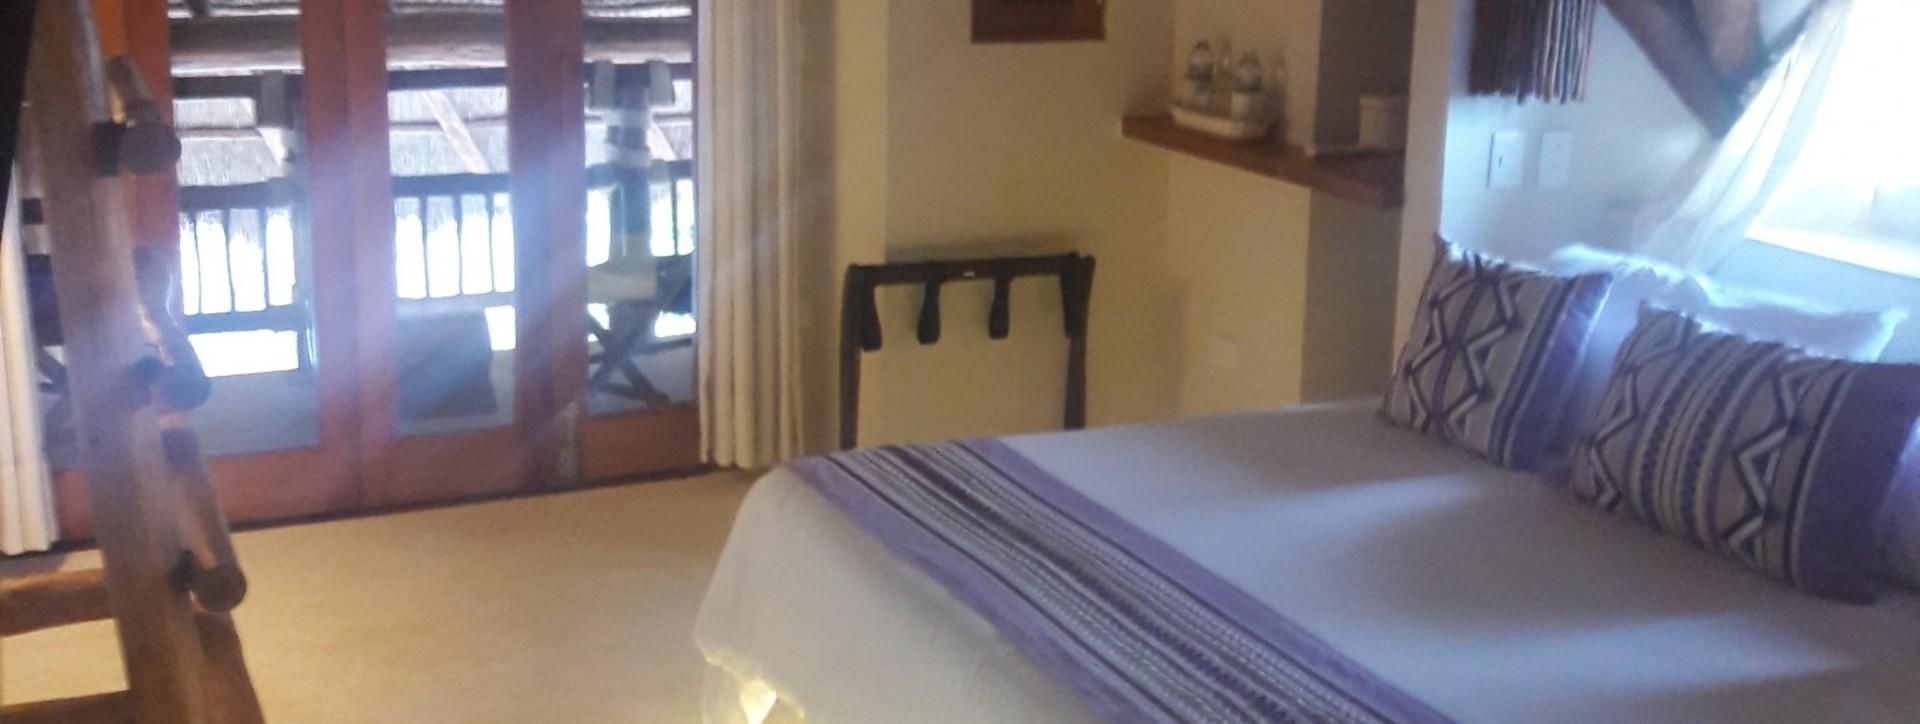 Hotel El Pueblito